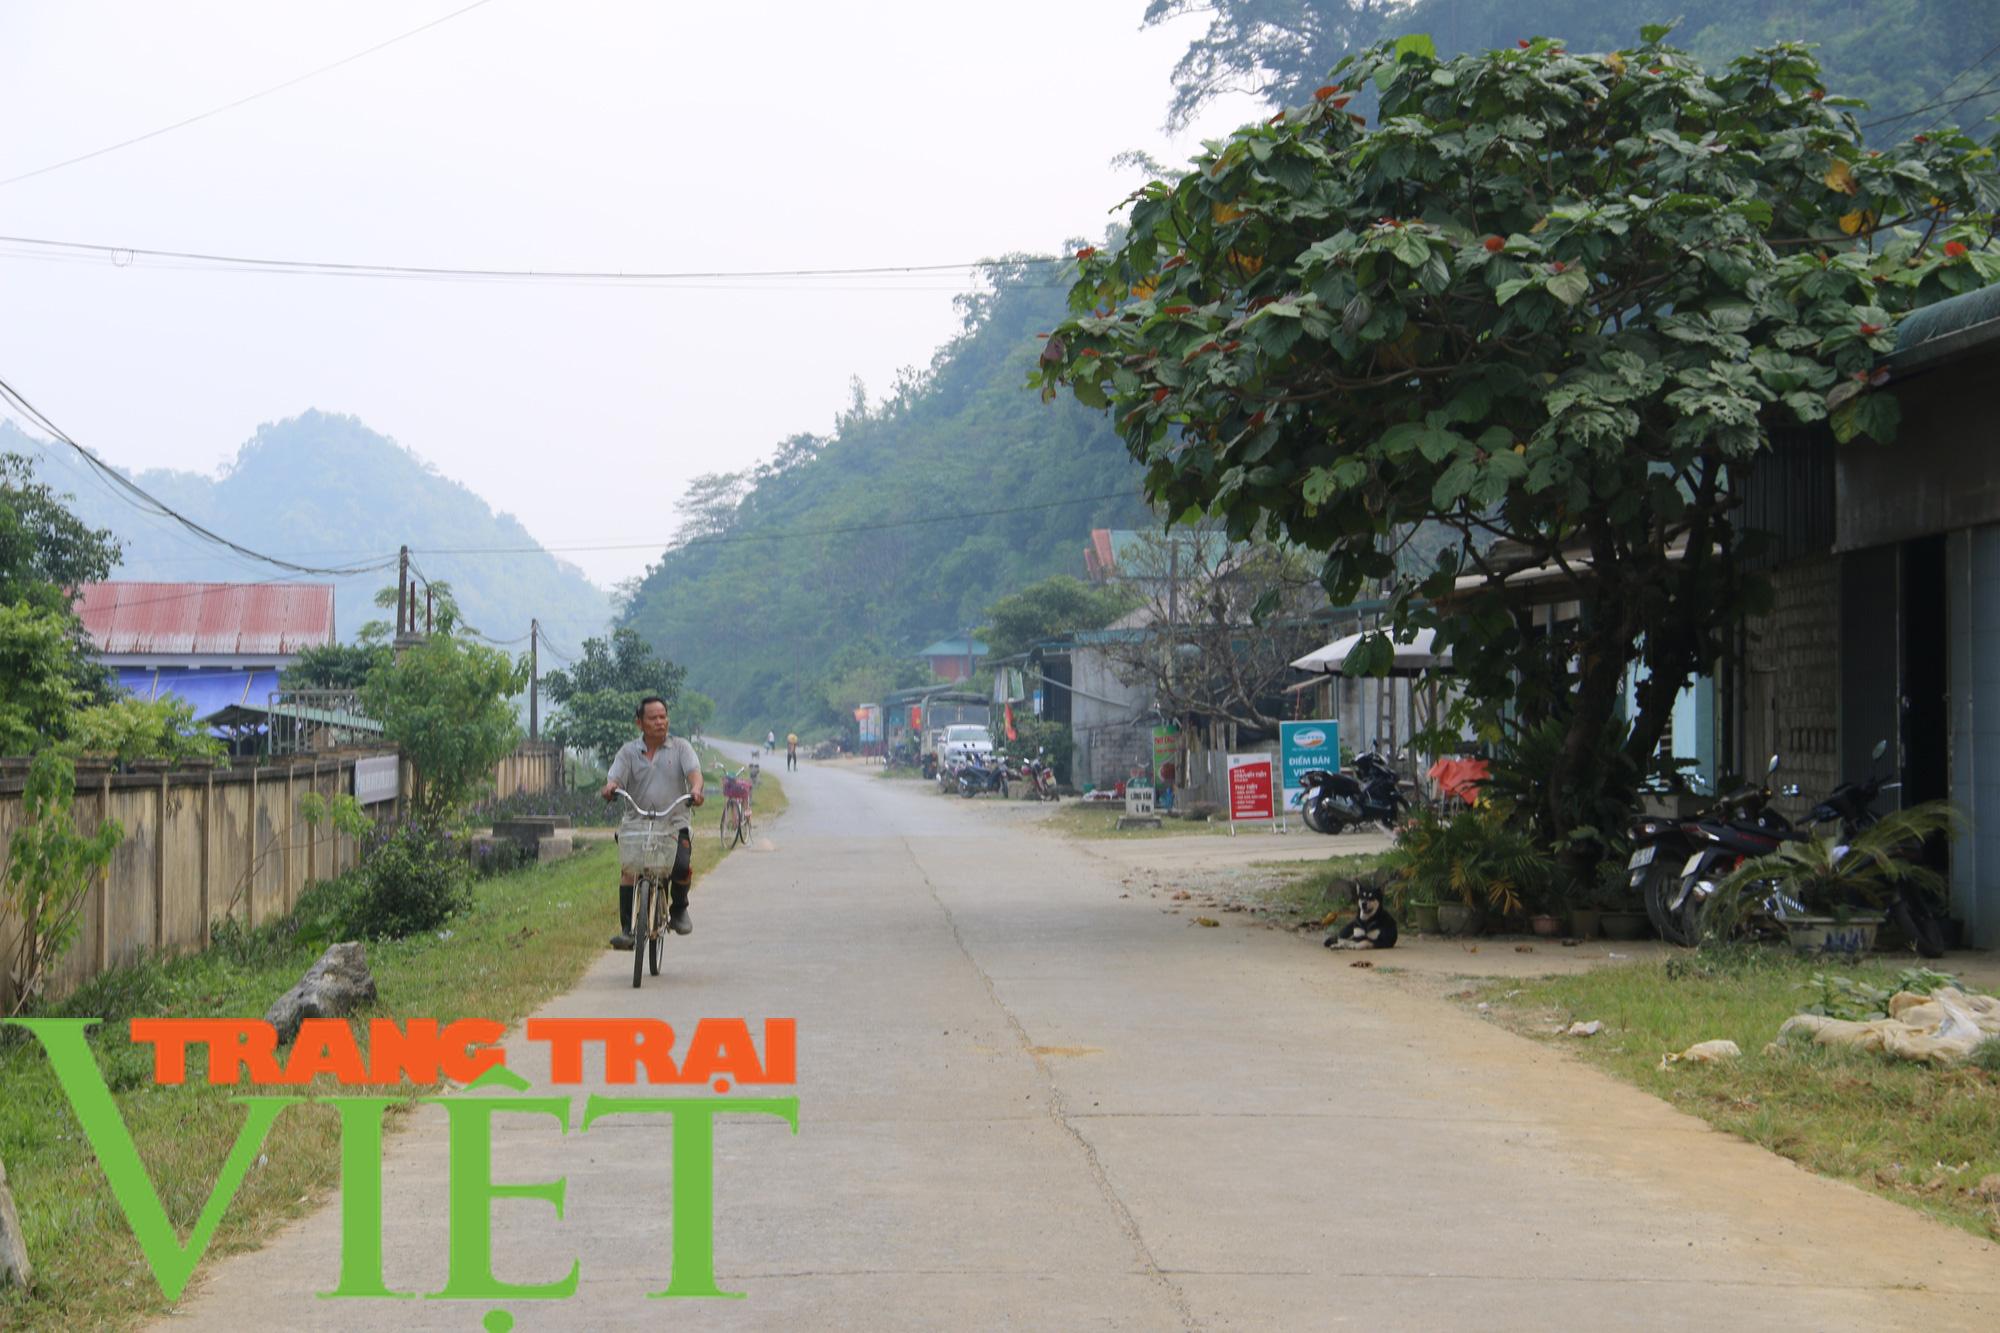 Người dân Hát Lót phấn khởi khi có đường giao thông rộng và đẹp - Ảnh 2.